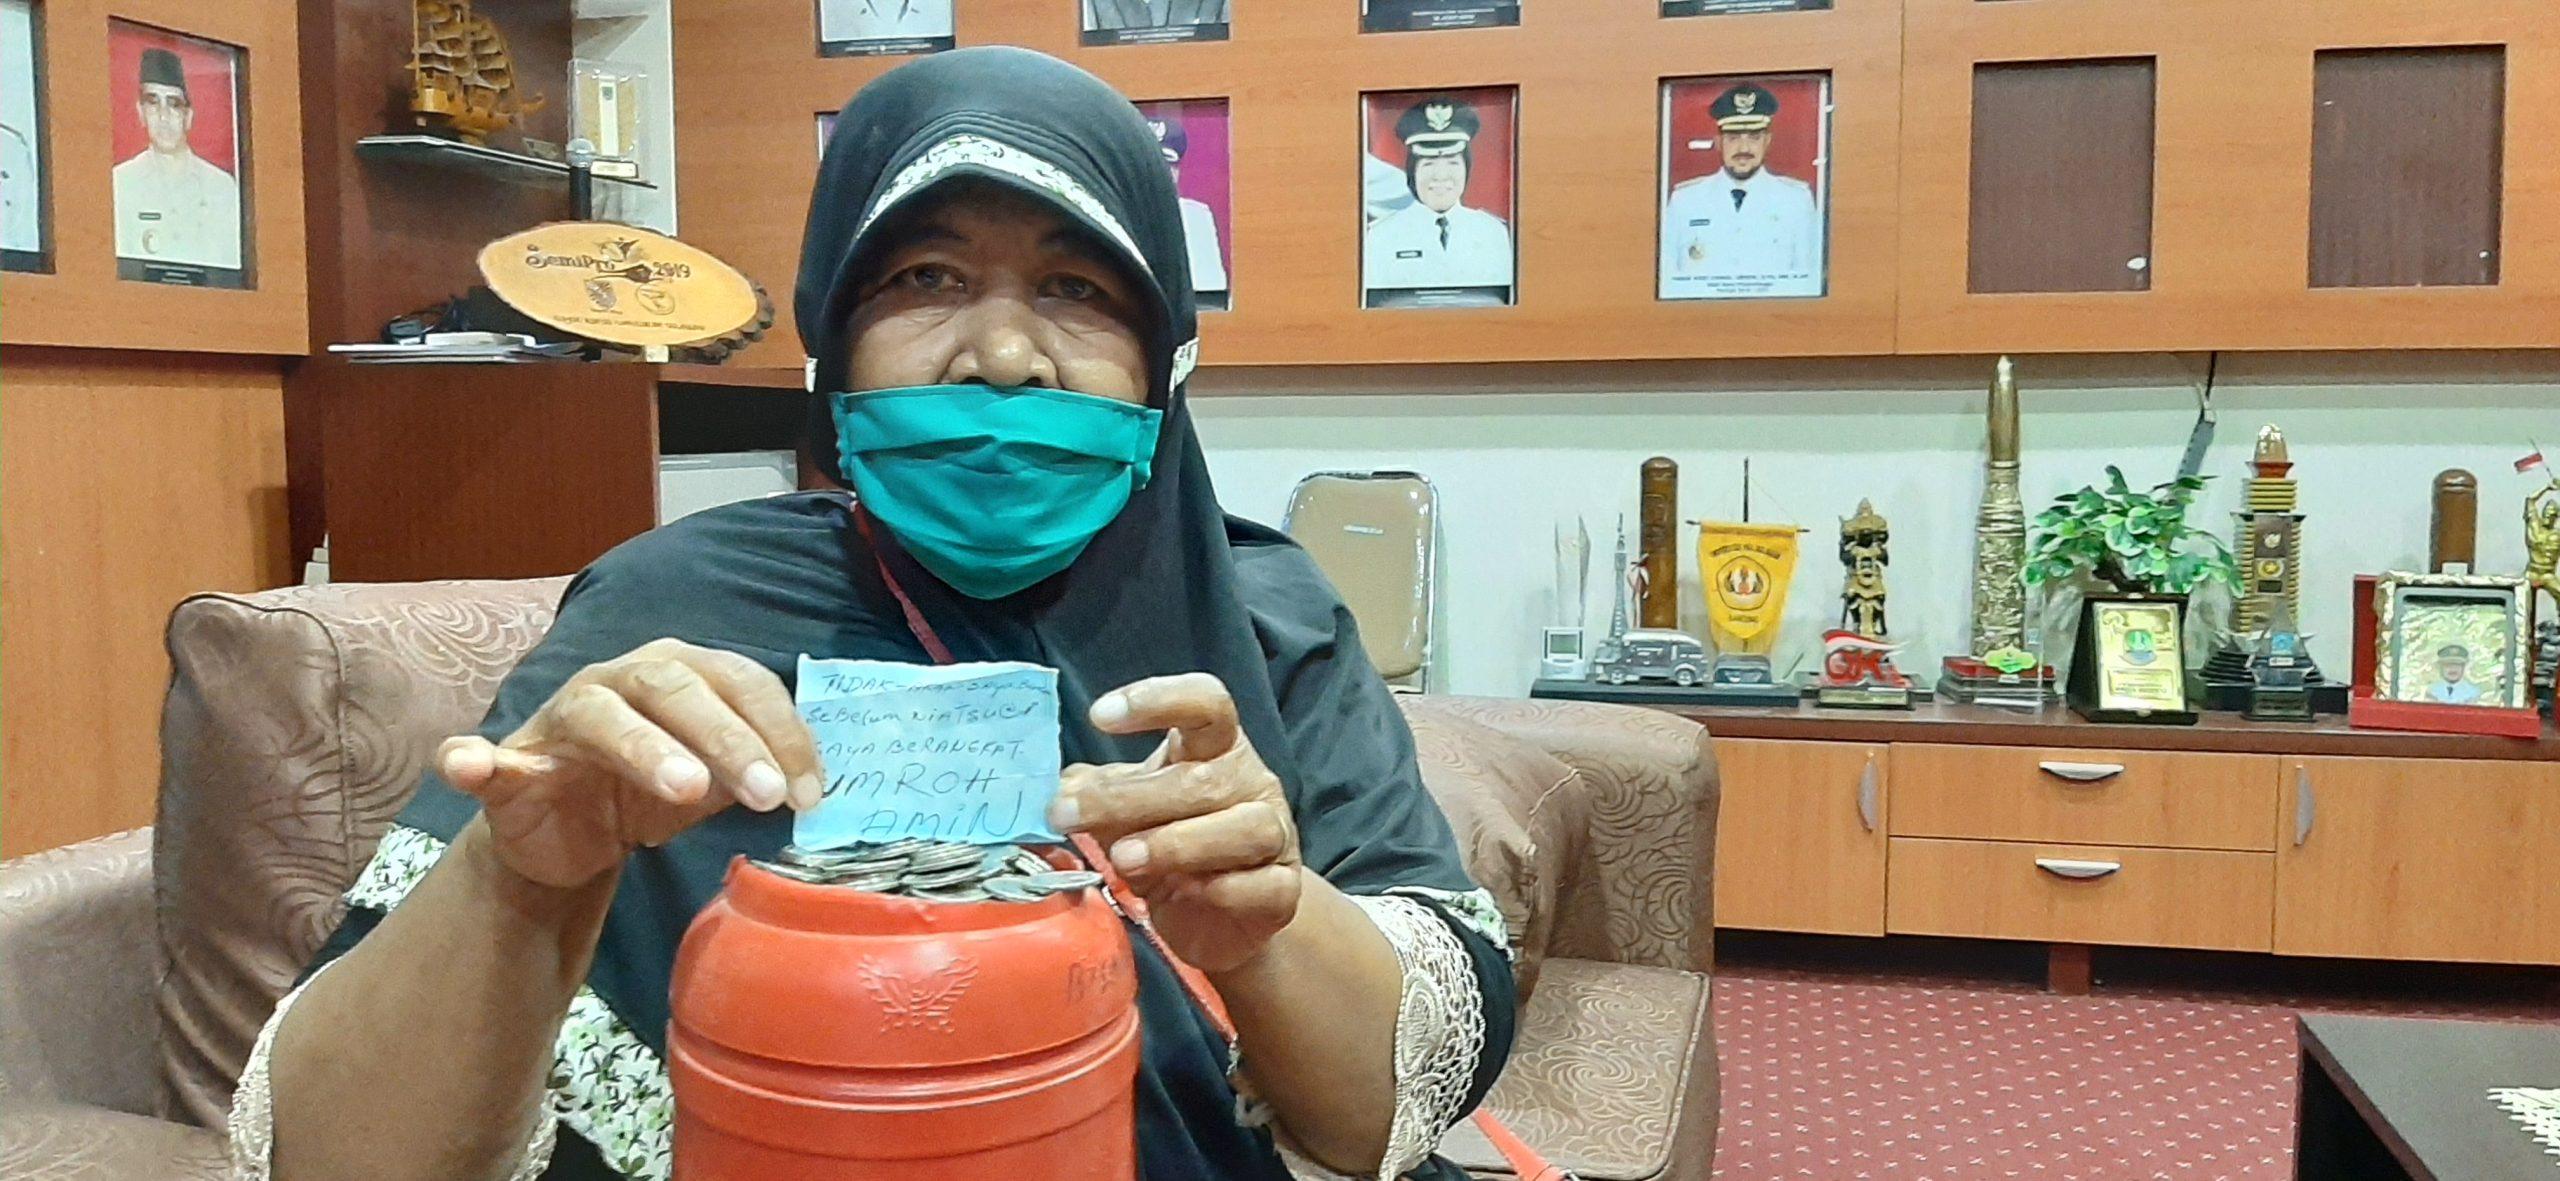 Nenek Penjual Pecel Sumbangkan Uang Celengan Hasil Jualannya Untuk Bantuan Covid-19